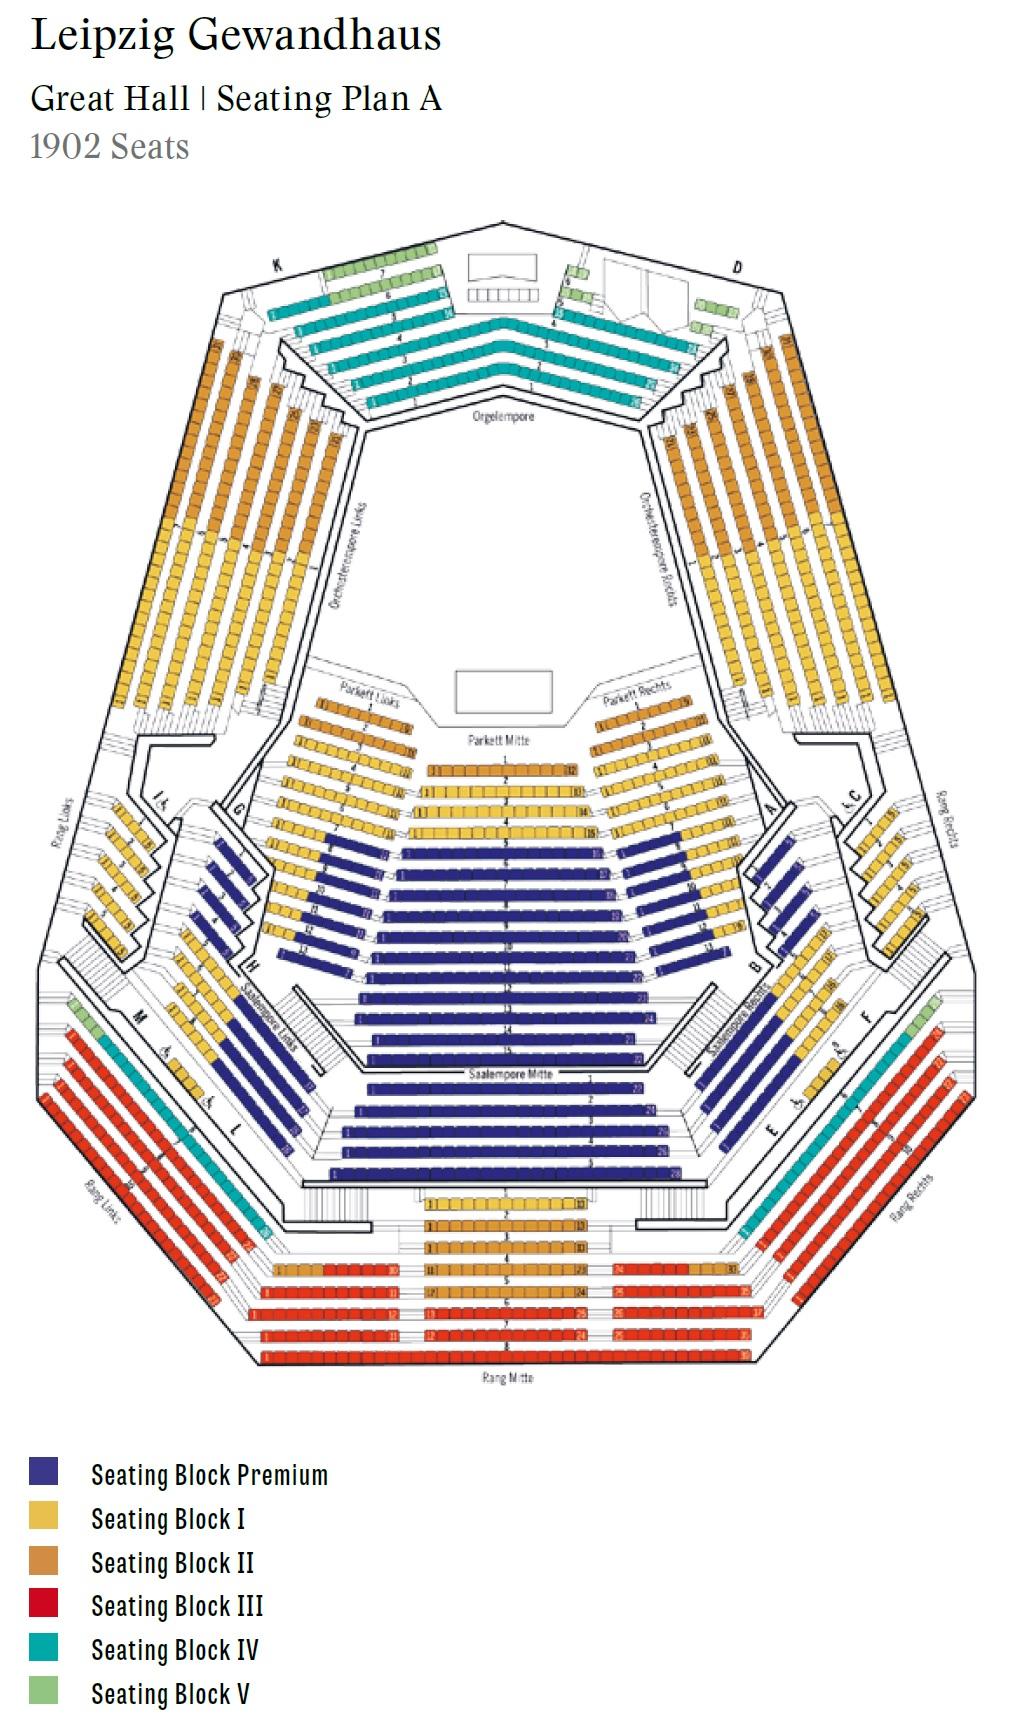 Концертный зал Гевандхауз / Gewandhaus - схема большого зала